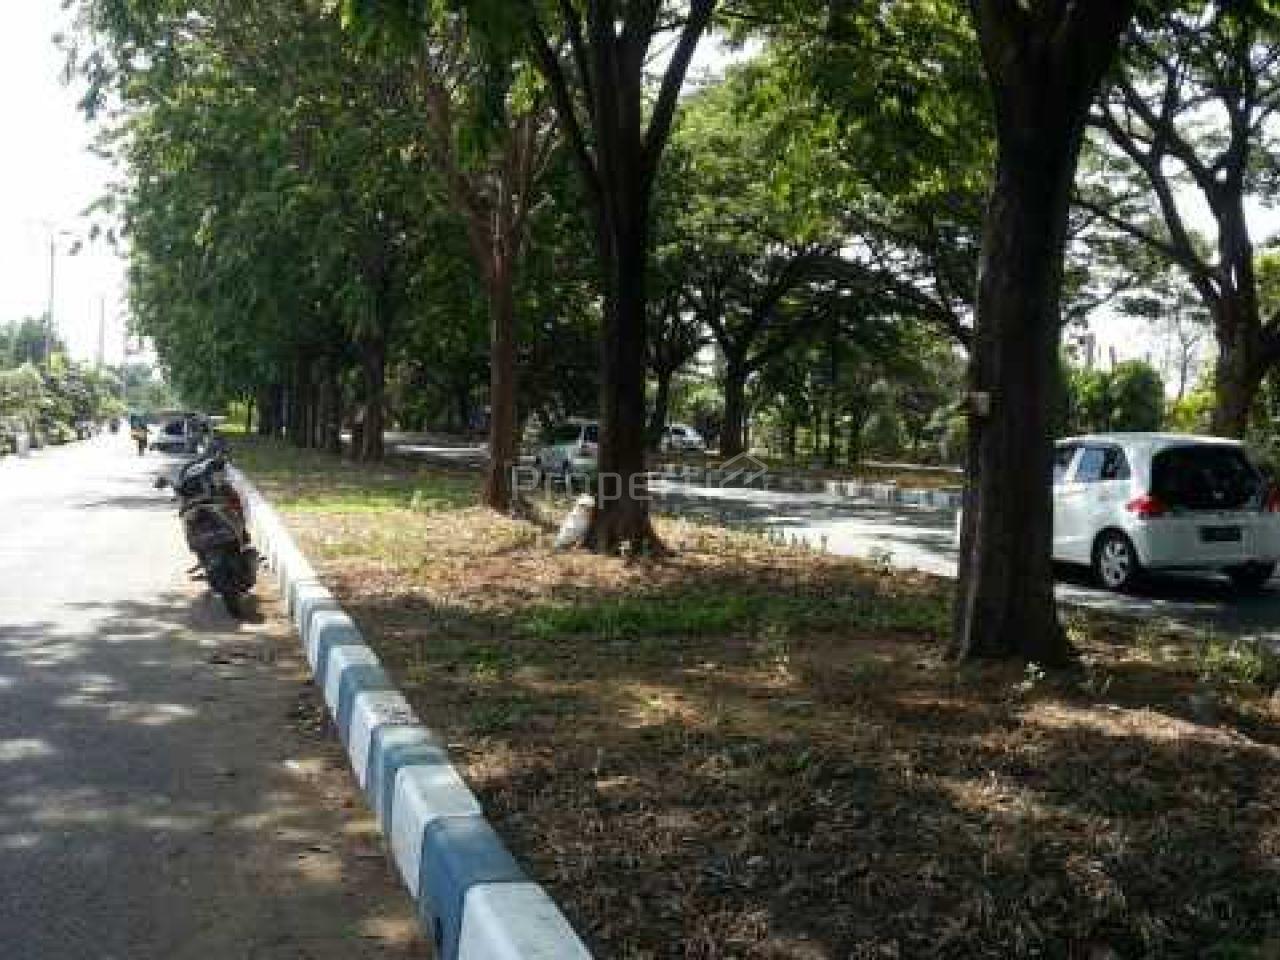 Land 4 Ha on Side of Highway in Sidoarjo, Jawa Timur